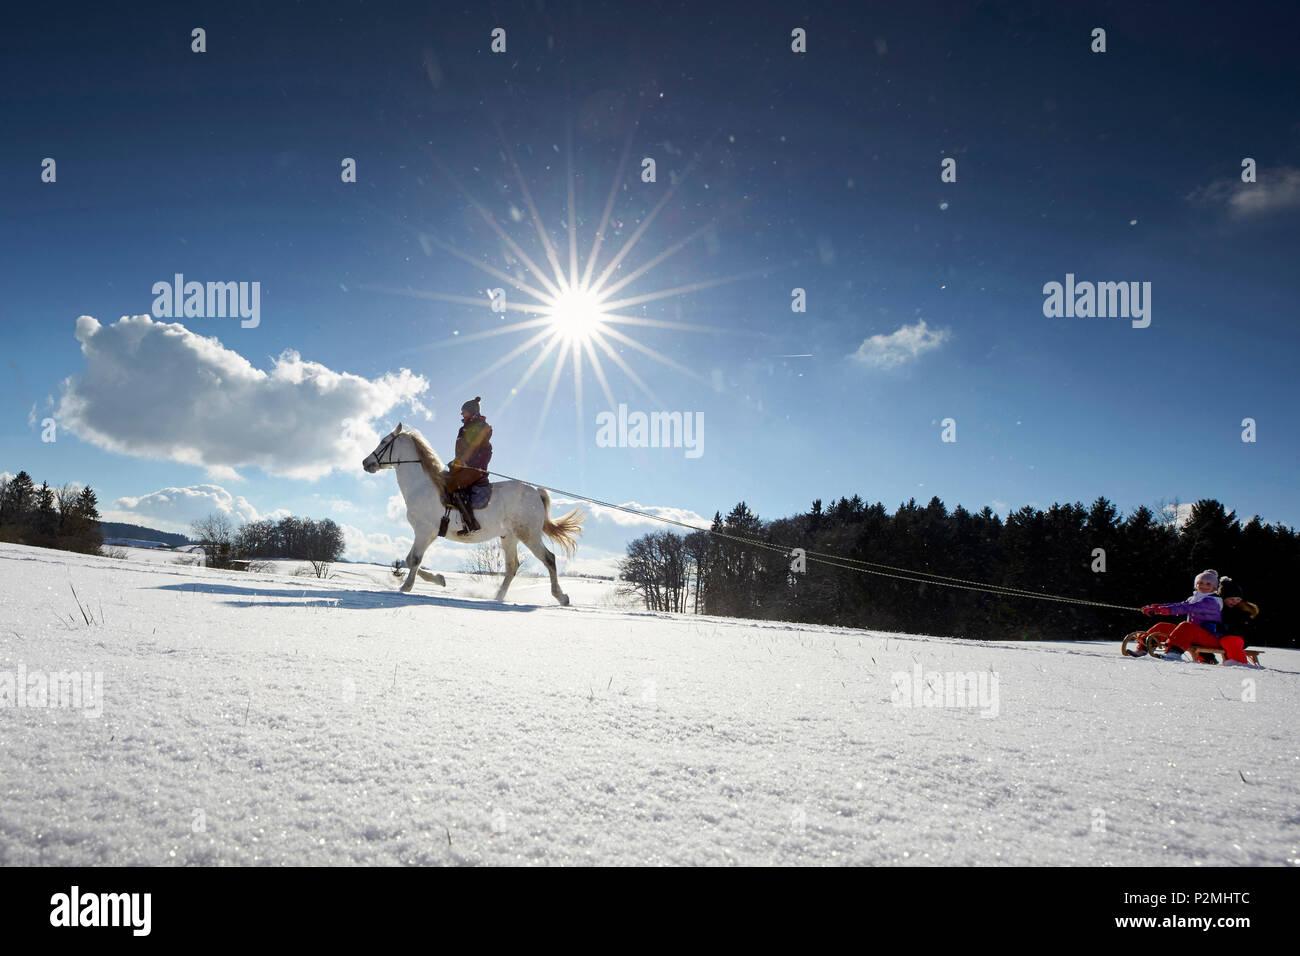 Madre sul cavallo tirando i bambini su una slitta, Buchensee, Muensing, Baviera Germania Immagini Stock